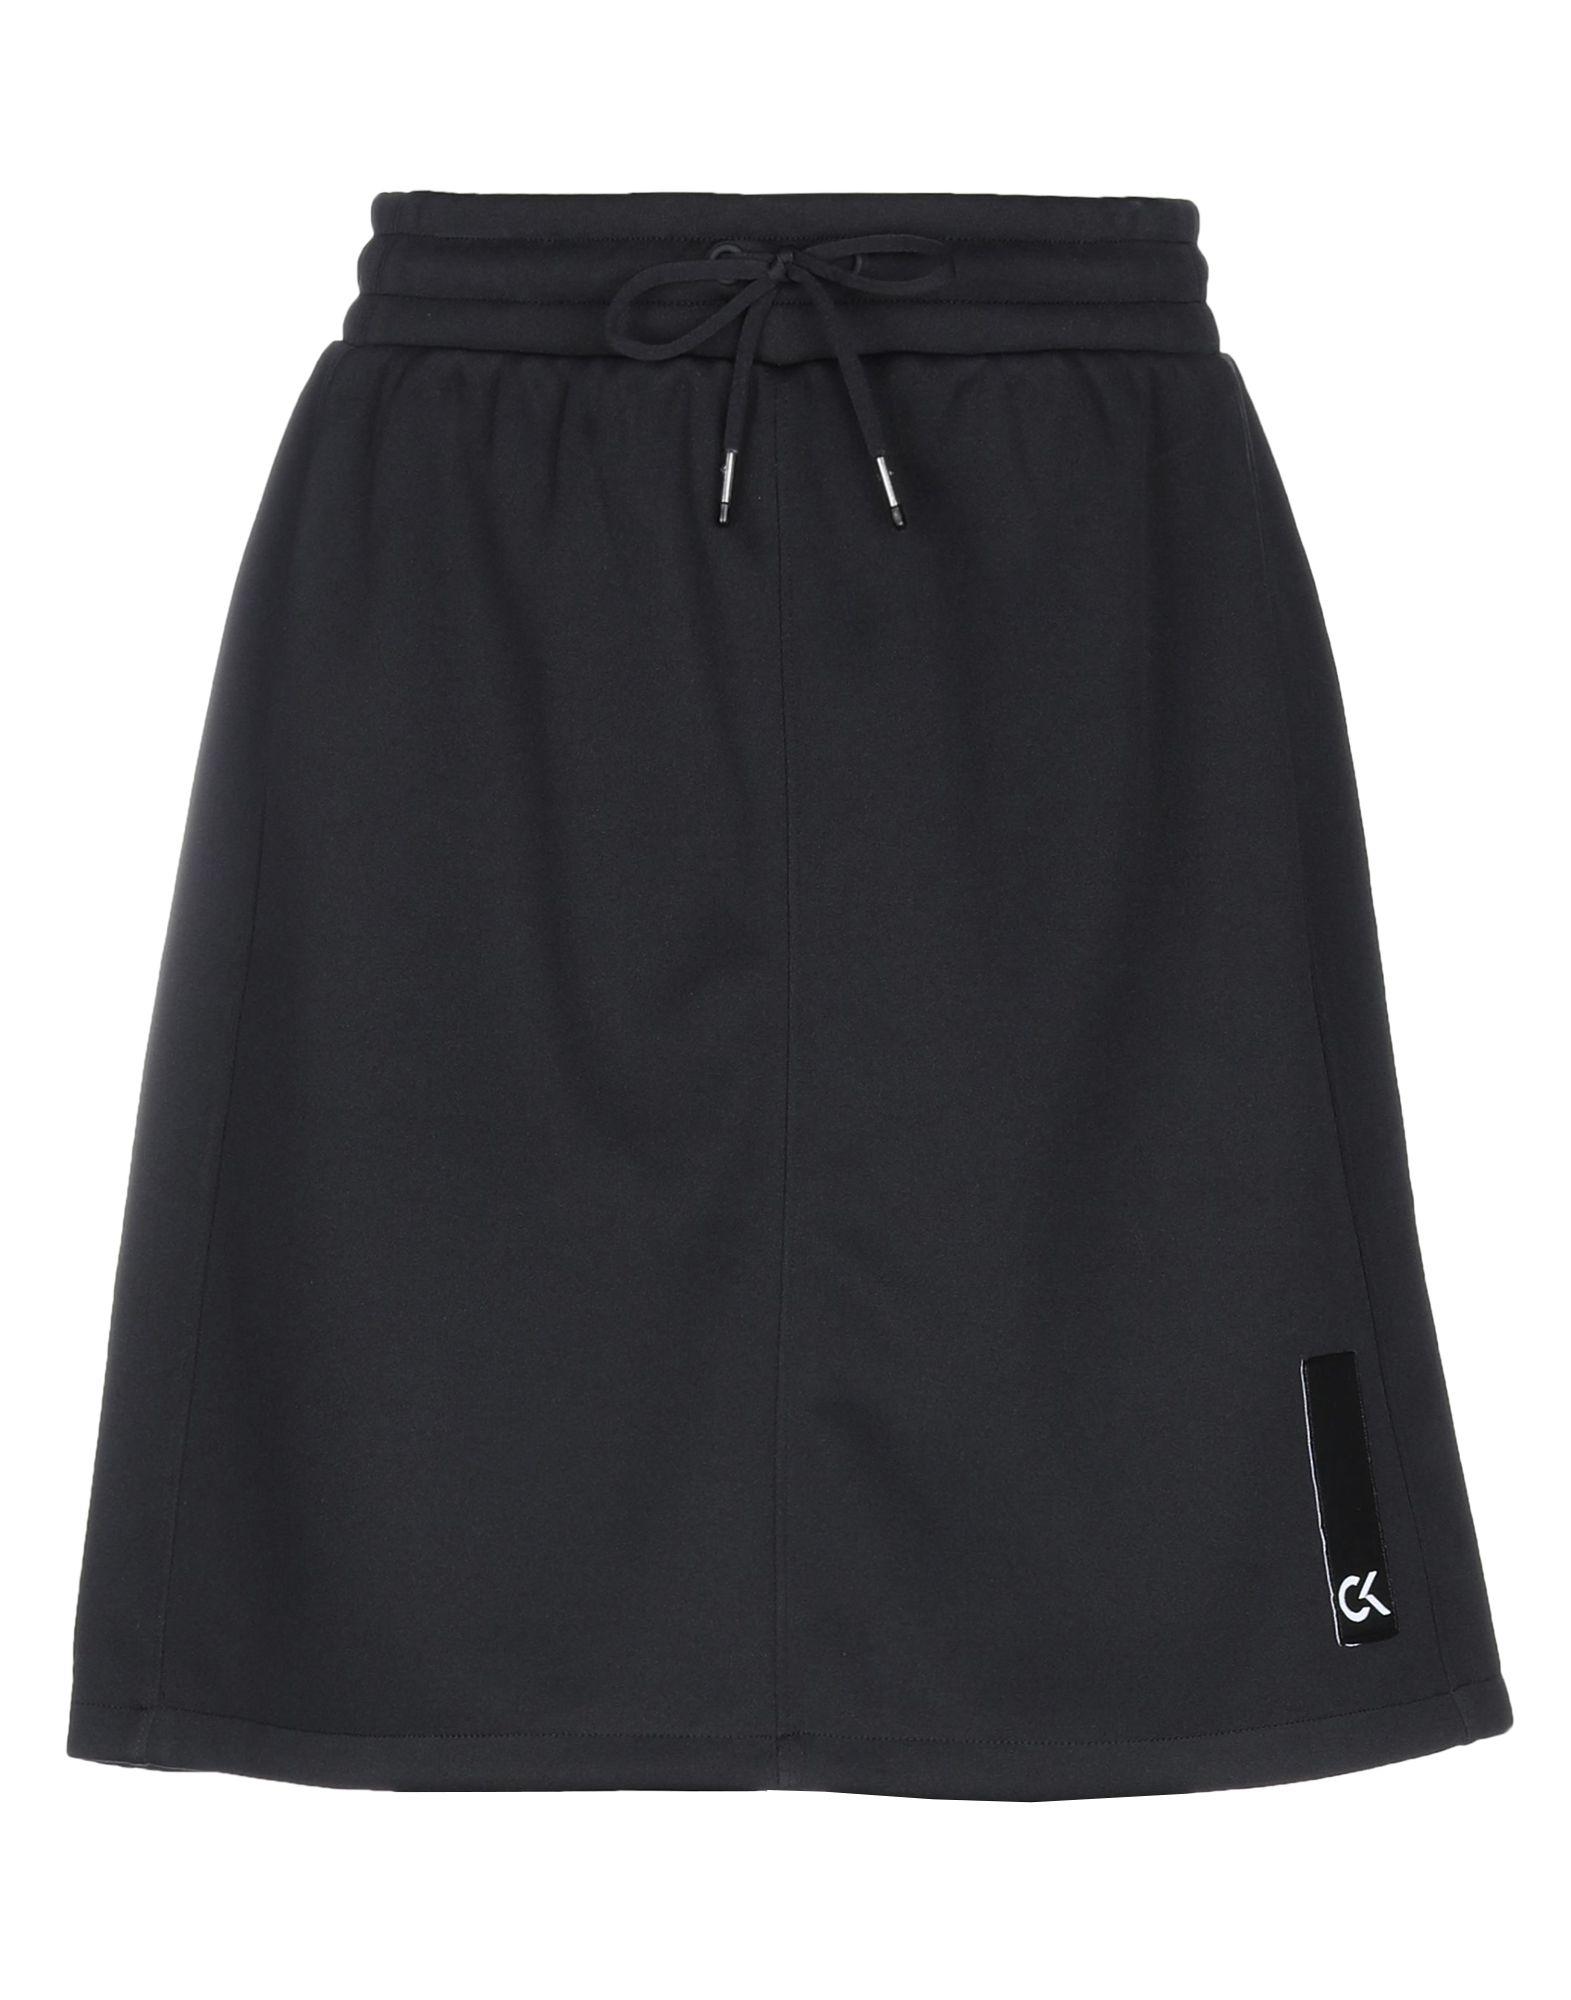 《セール開催中》CALVIN KLEIN PERFORMANCE レディース ひざ丈スカート ブラック S ポリエステル 95% / レーヨン 4% / アクリル 1%